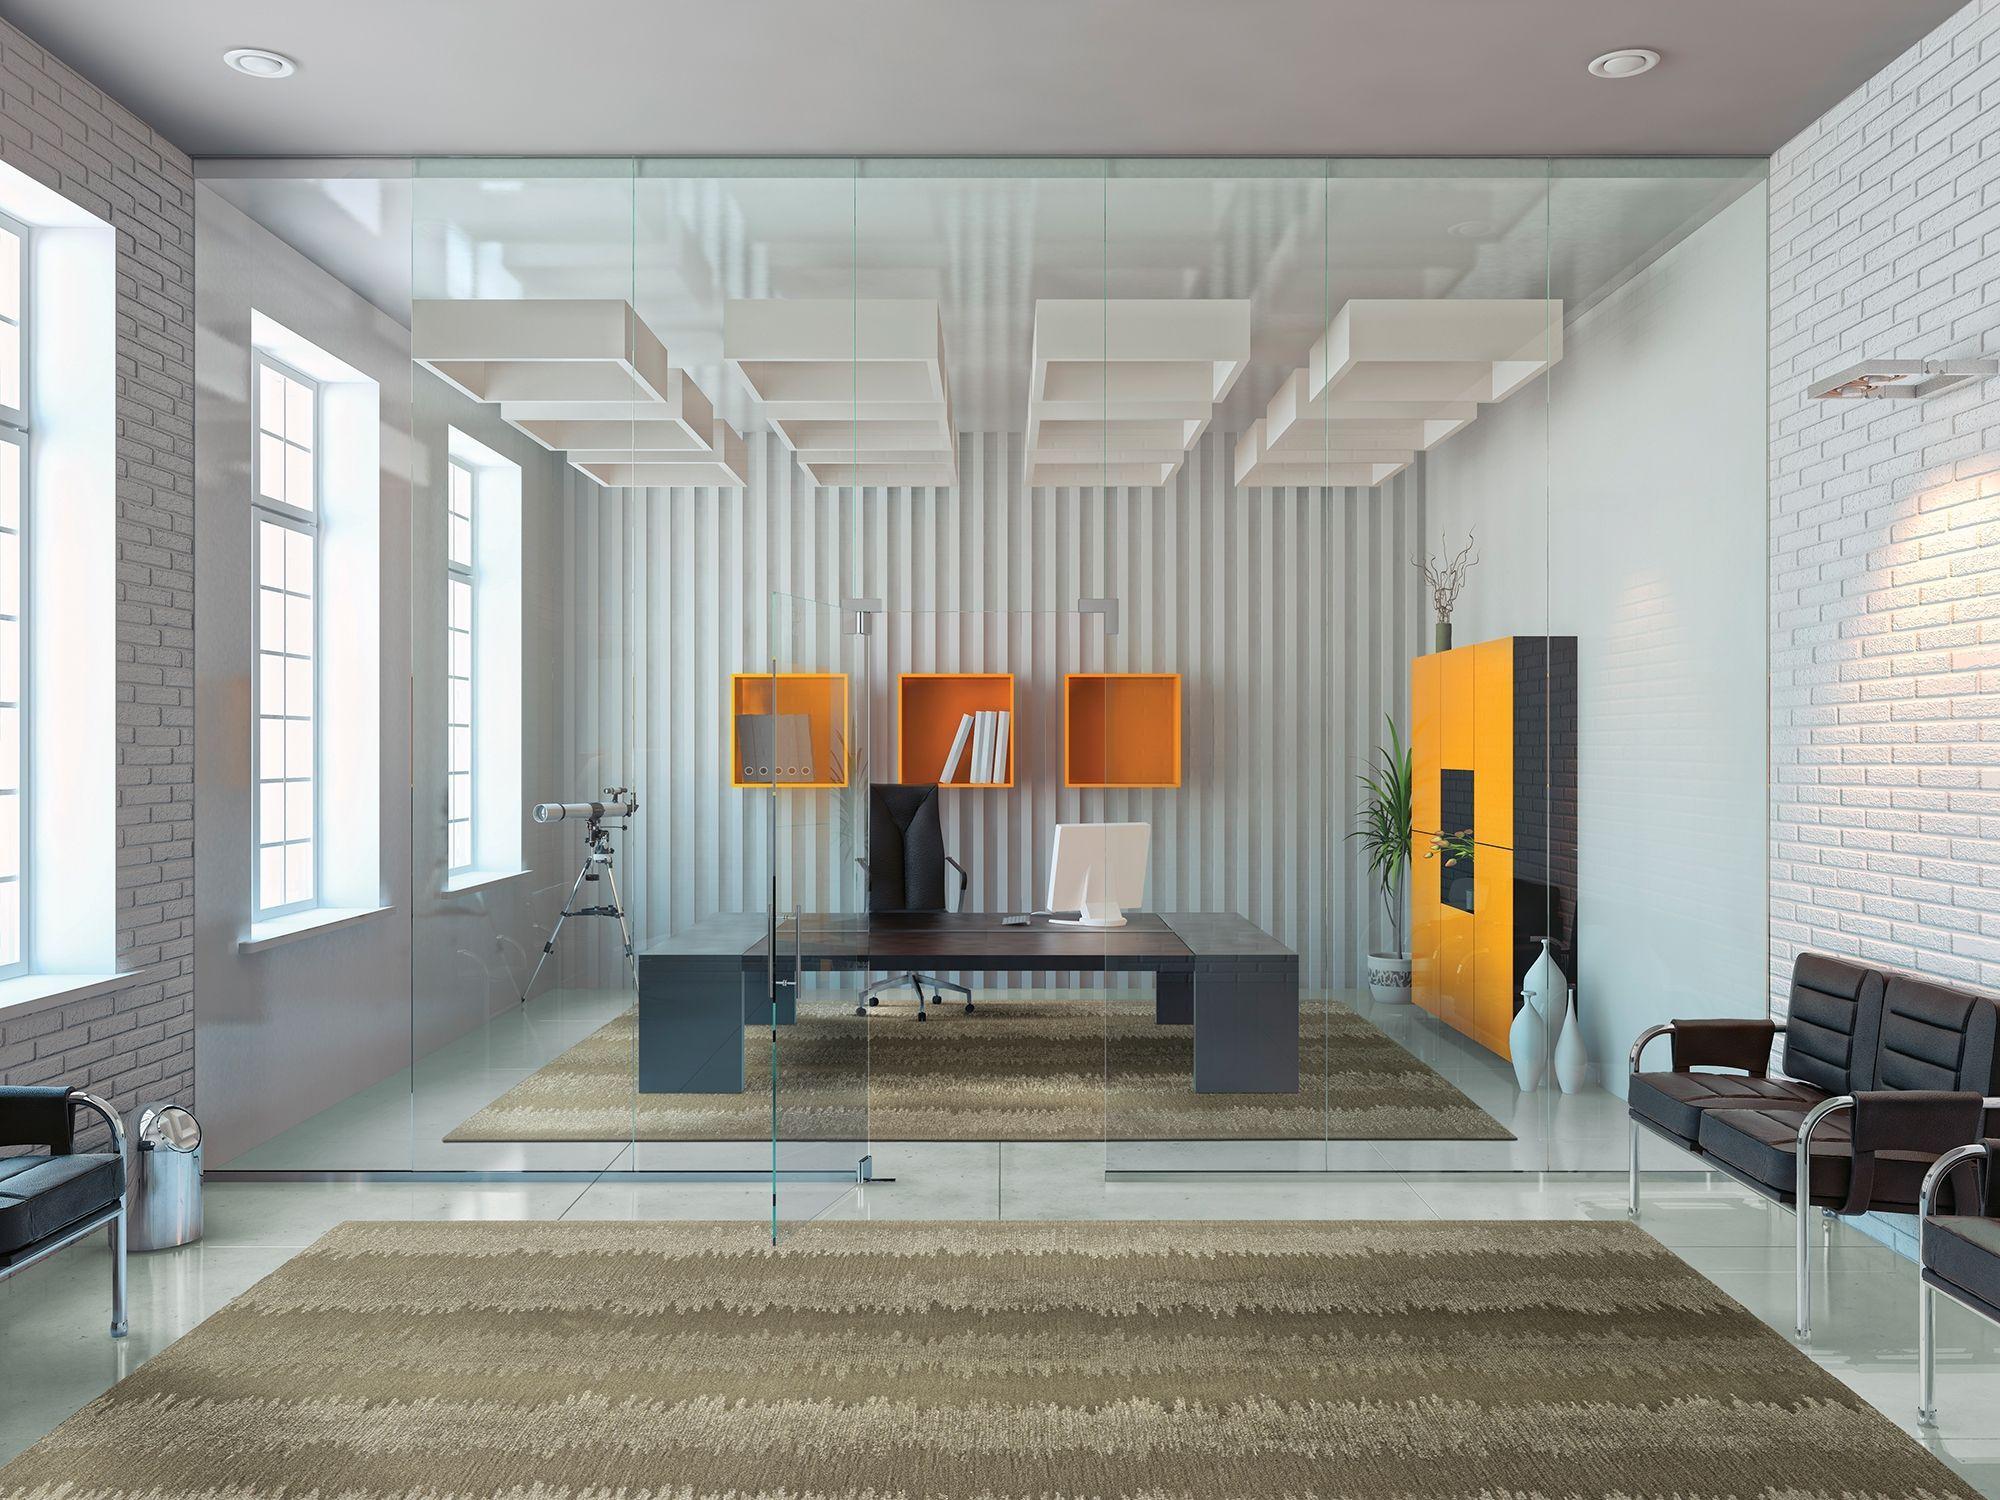 Pin von Archibald Woo auf Interiors | Pinterest